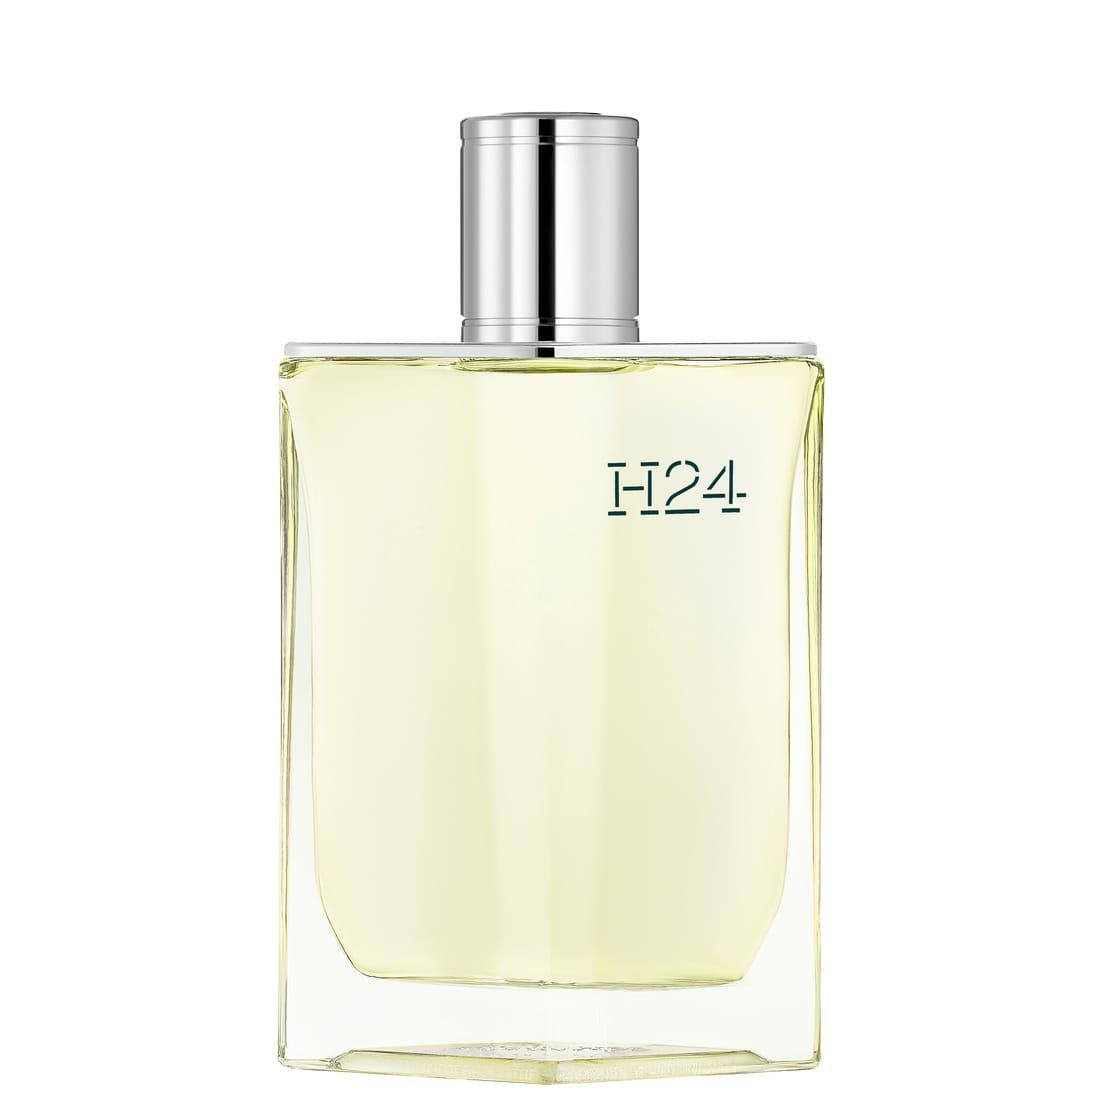 Hermès H24 - Eau de Toilette